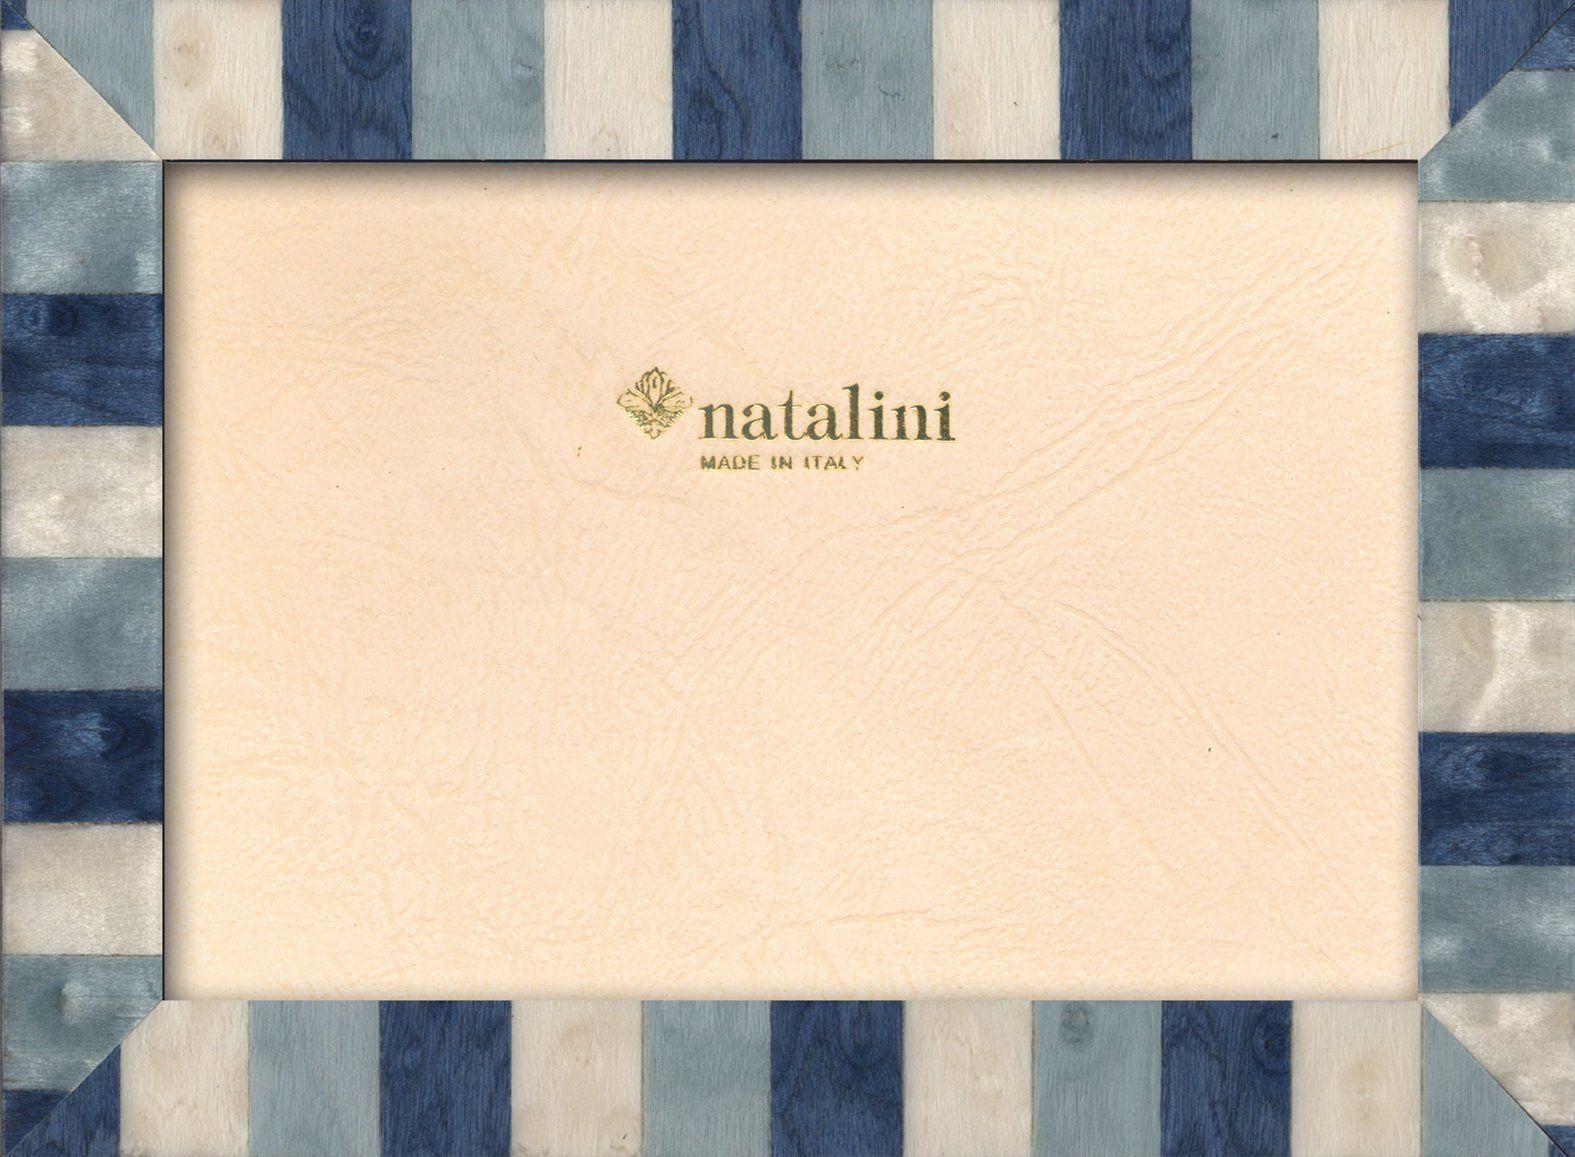 Ramka na zdjęcia Natalini MARQUETRY MADE IN ITALY, Tulipan, niebieski, 12 cm x 18 cm